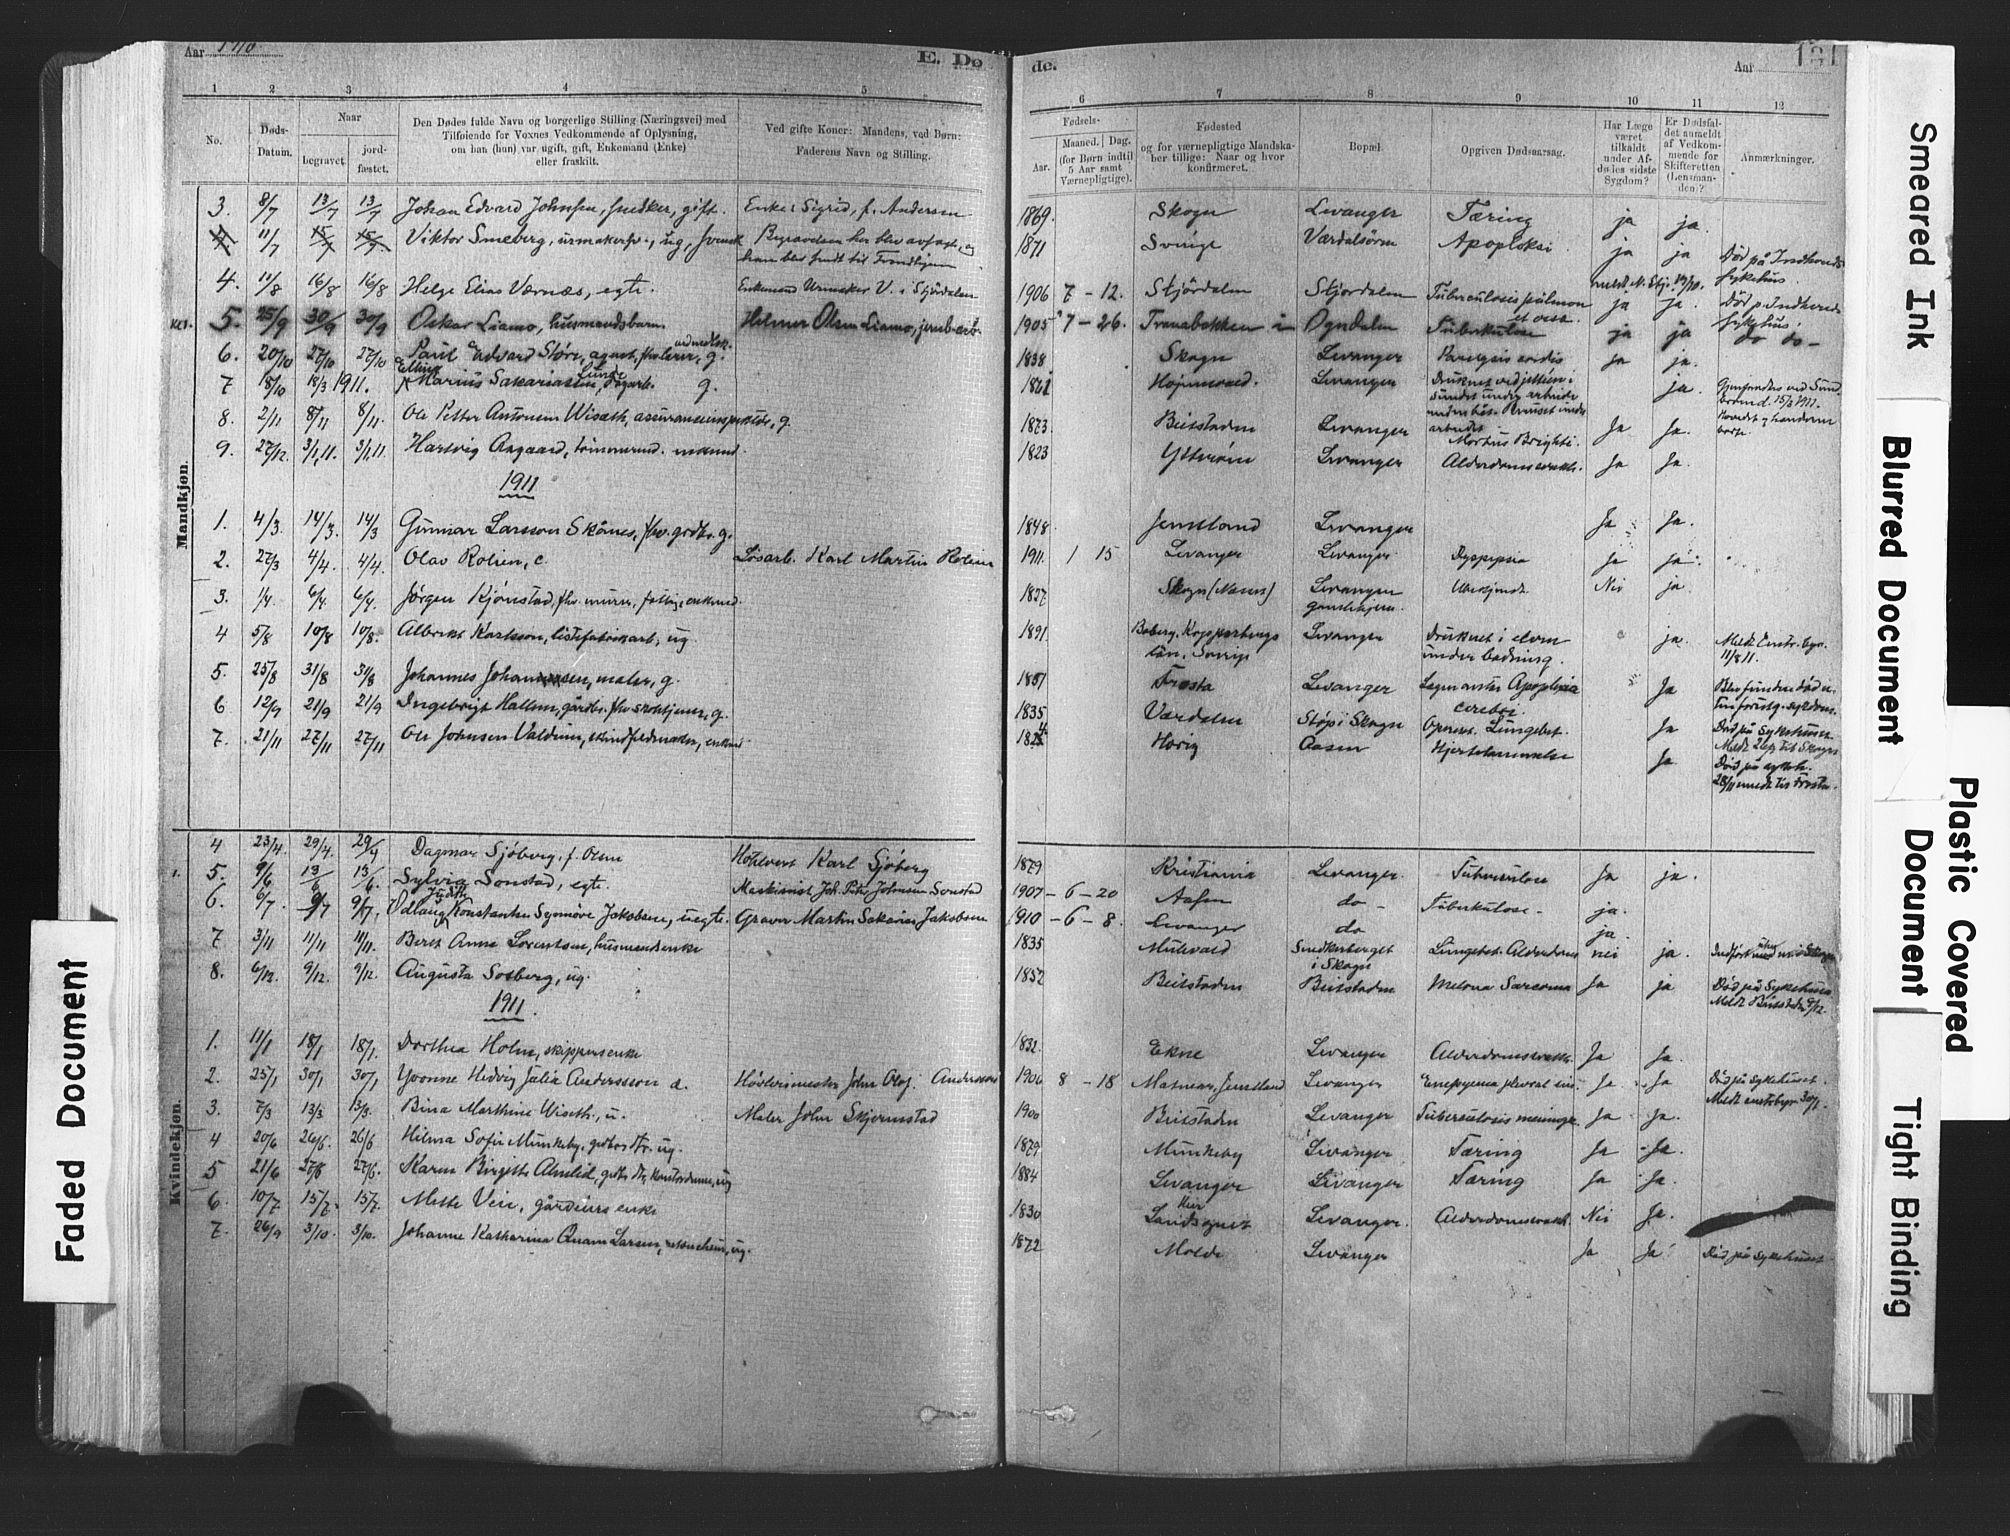 SAT, Ministerialprotokoller, klokkerbøker og fødselsregistre - Nord-Trøndelag, 720/L0189: Ministerialbok nr. 720A05, 1880-1911, s. 131